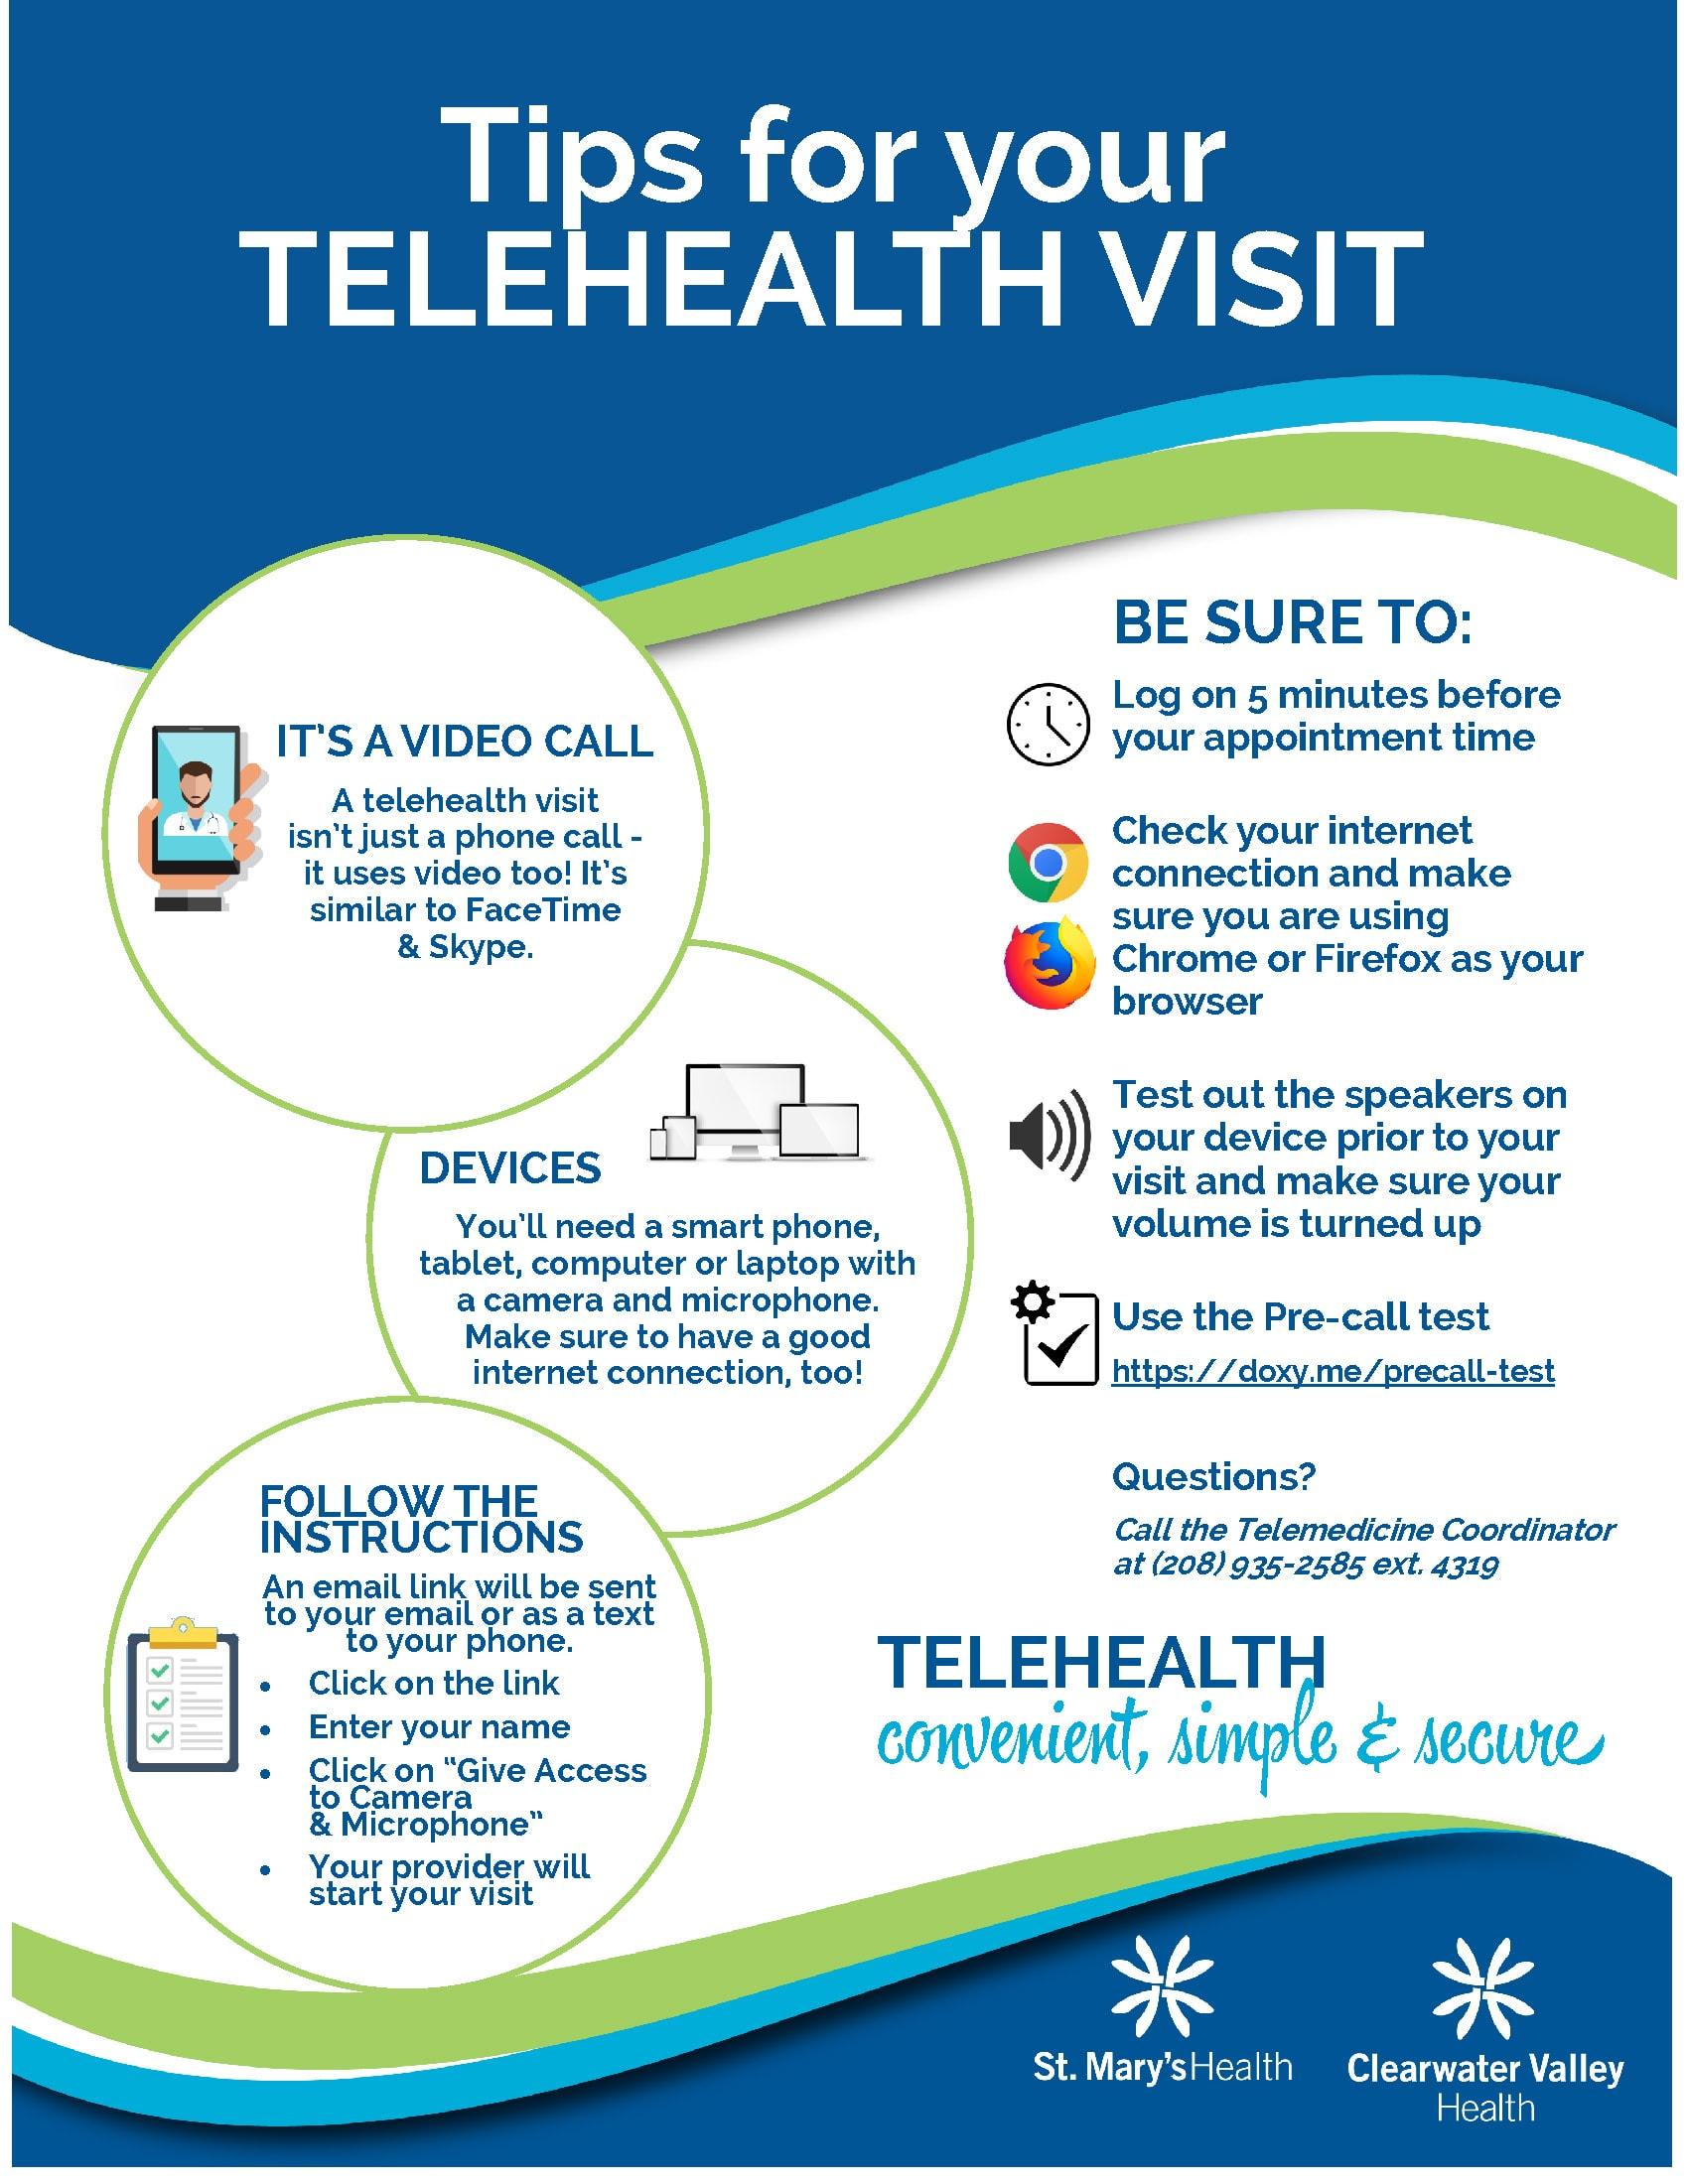 Tips for Telehealth Visit